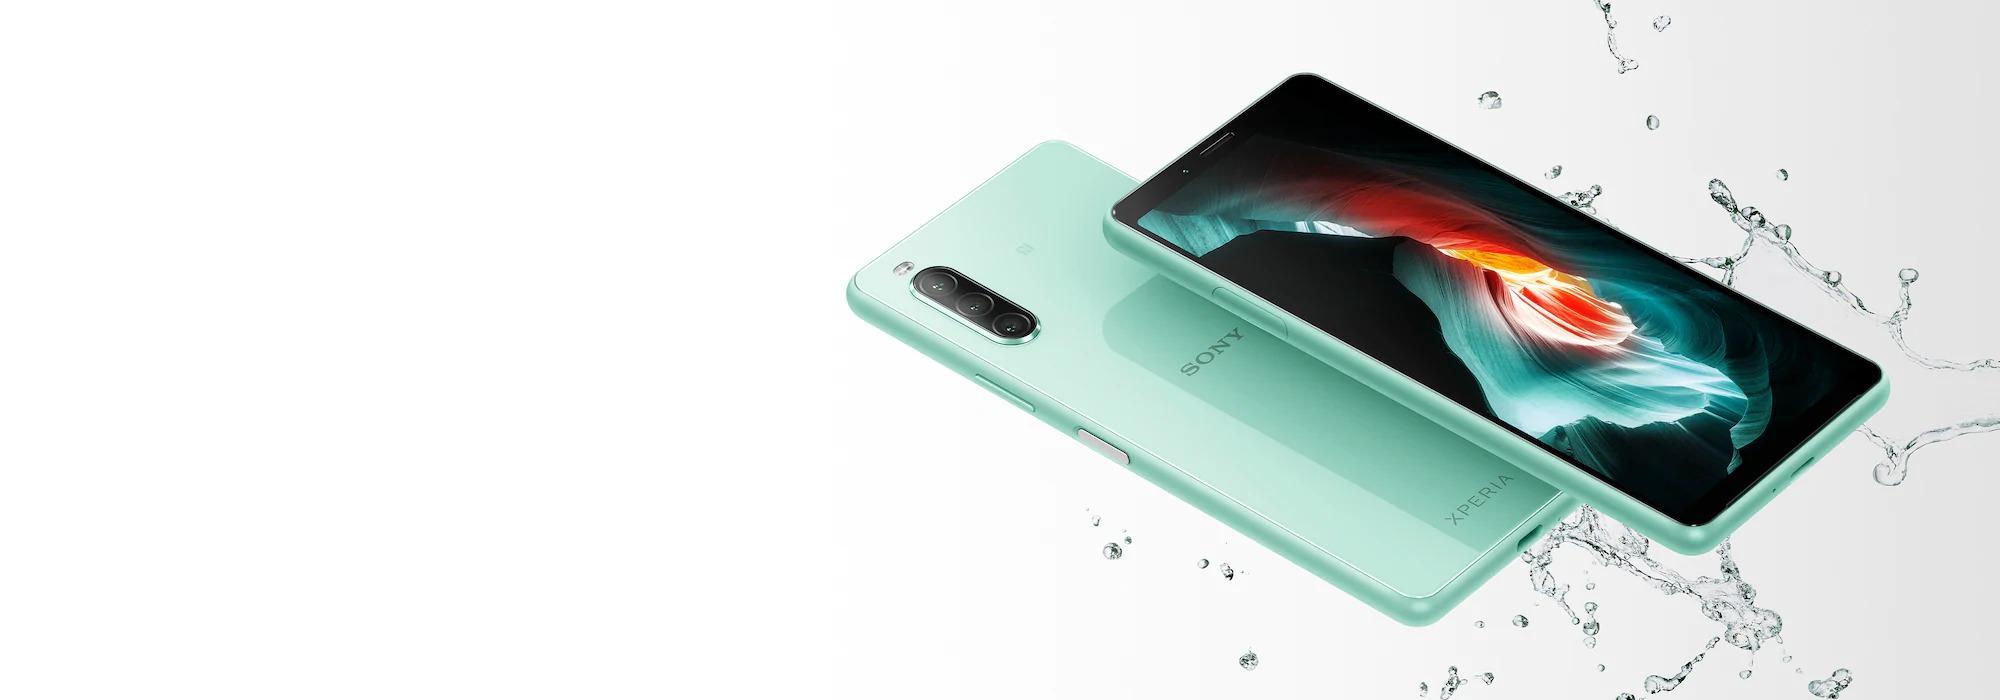 Điện thoại Sony Xperia 10 II - XQ-AU52